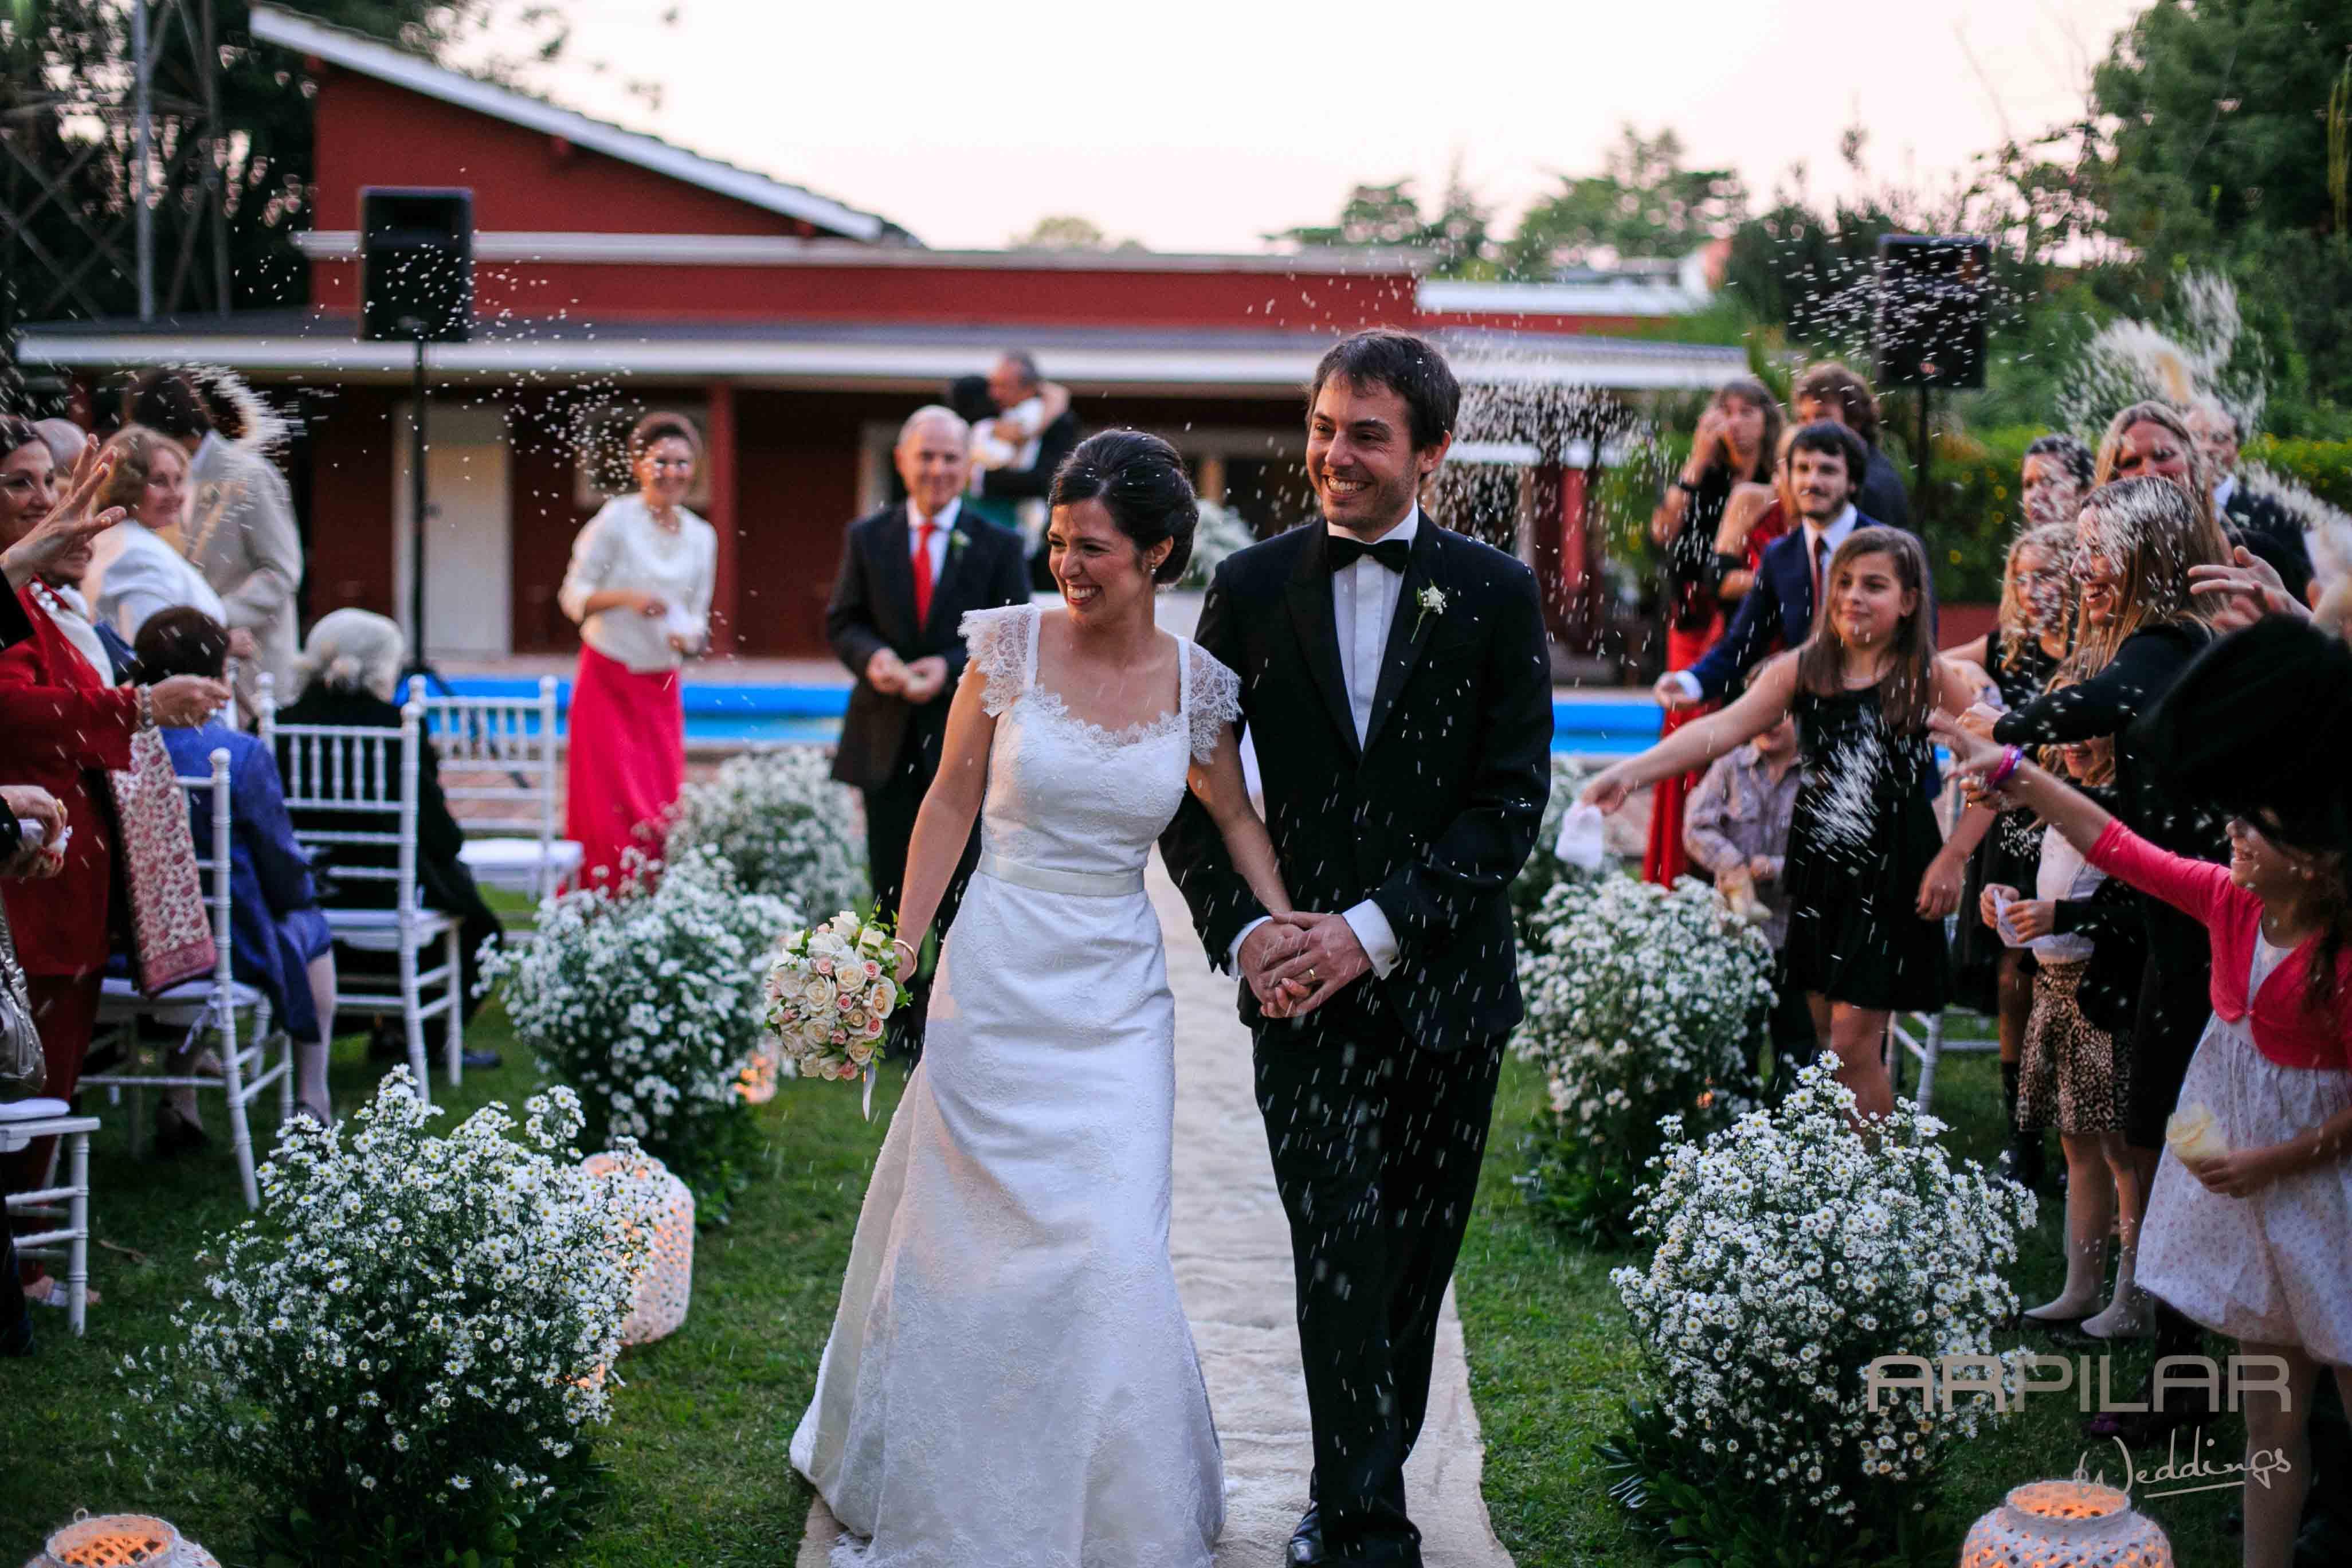 FINCA MADERO - ARPILAR WEDDINGS - Dos Clavos -2014 -Romina Hofele y Sebastian